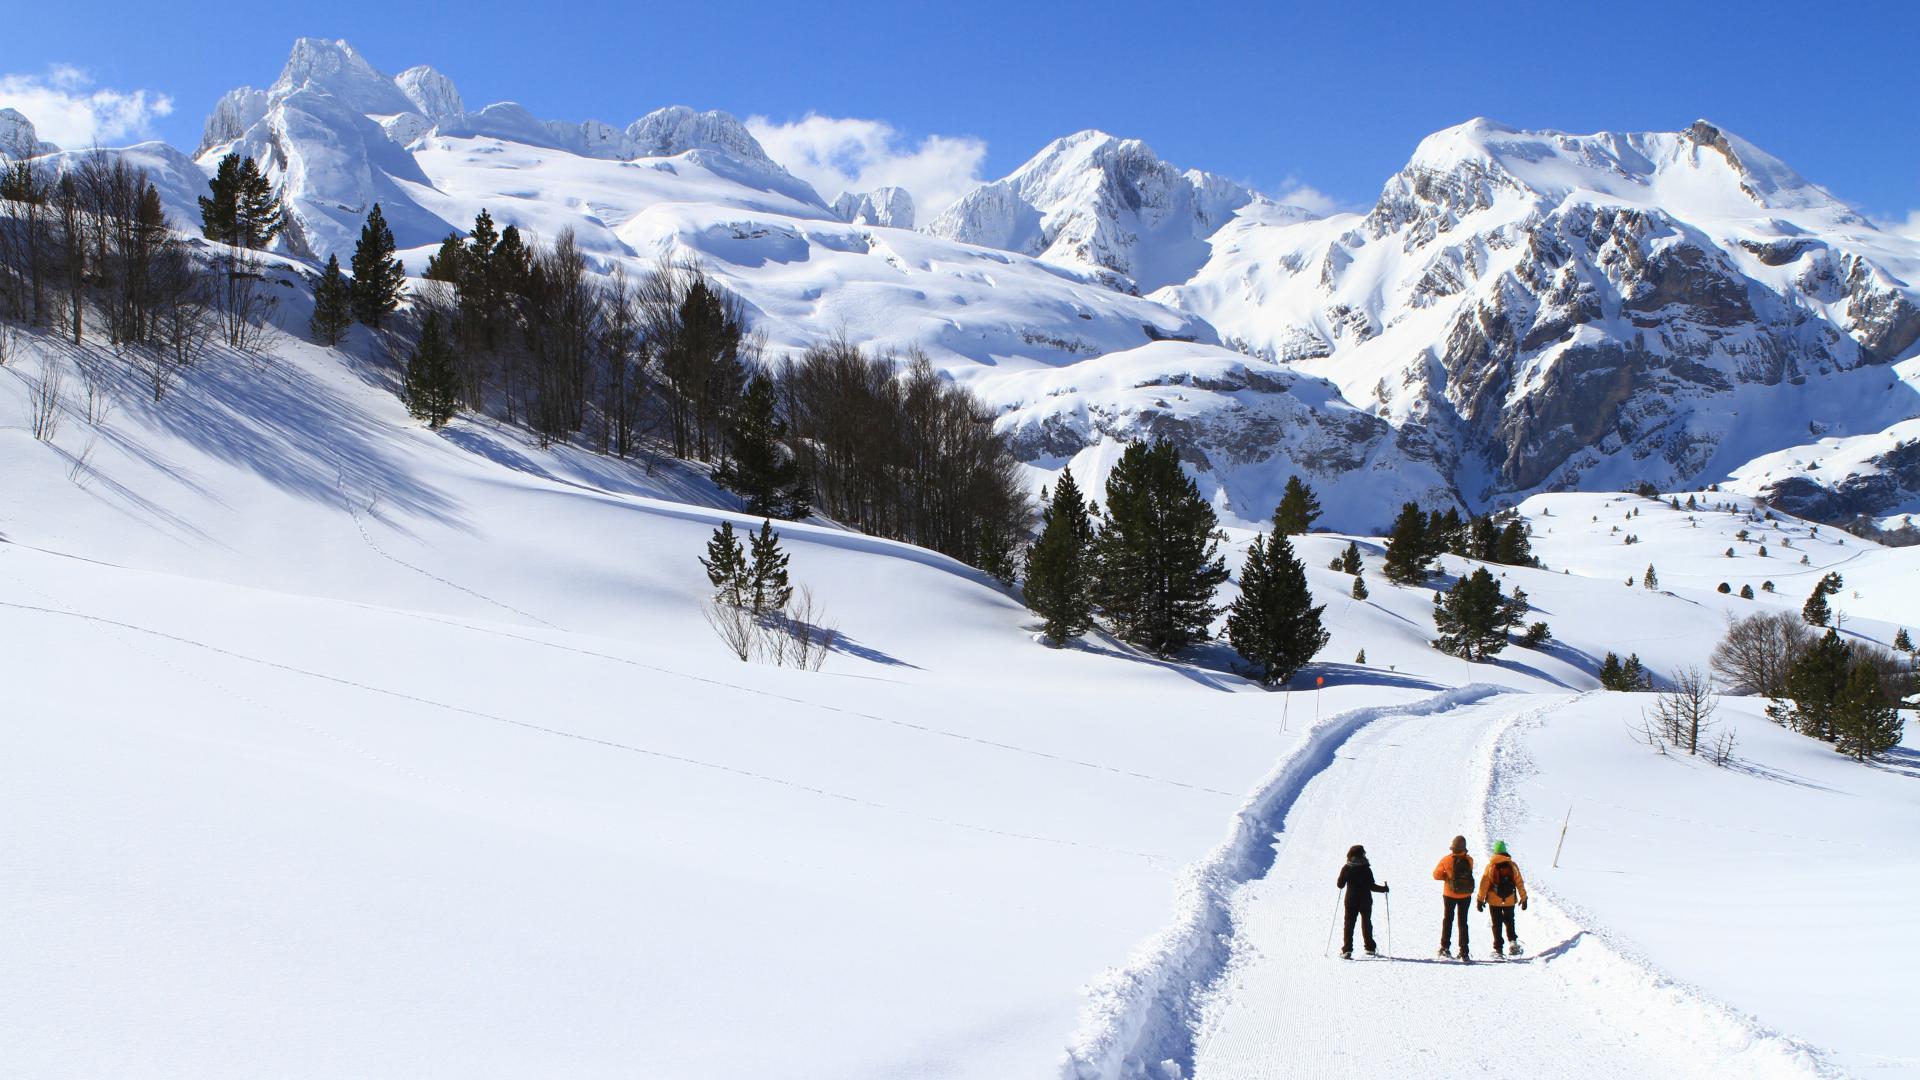 Paseo con raquetas de nieve con paisaje de montaña en la estacion de Somport